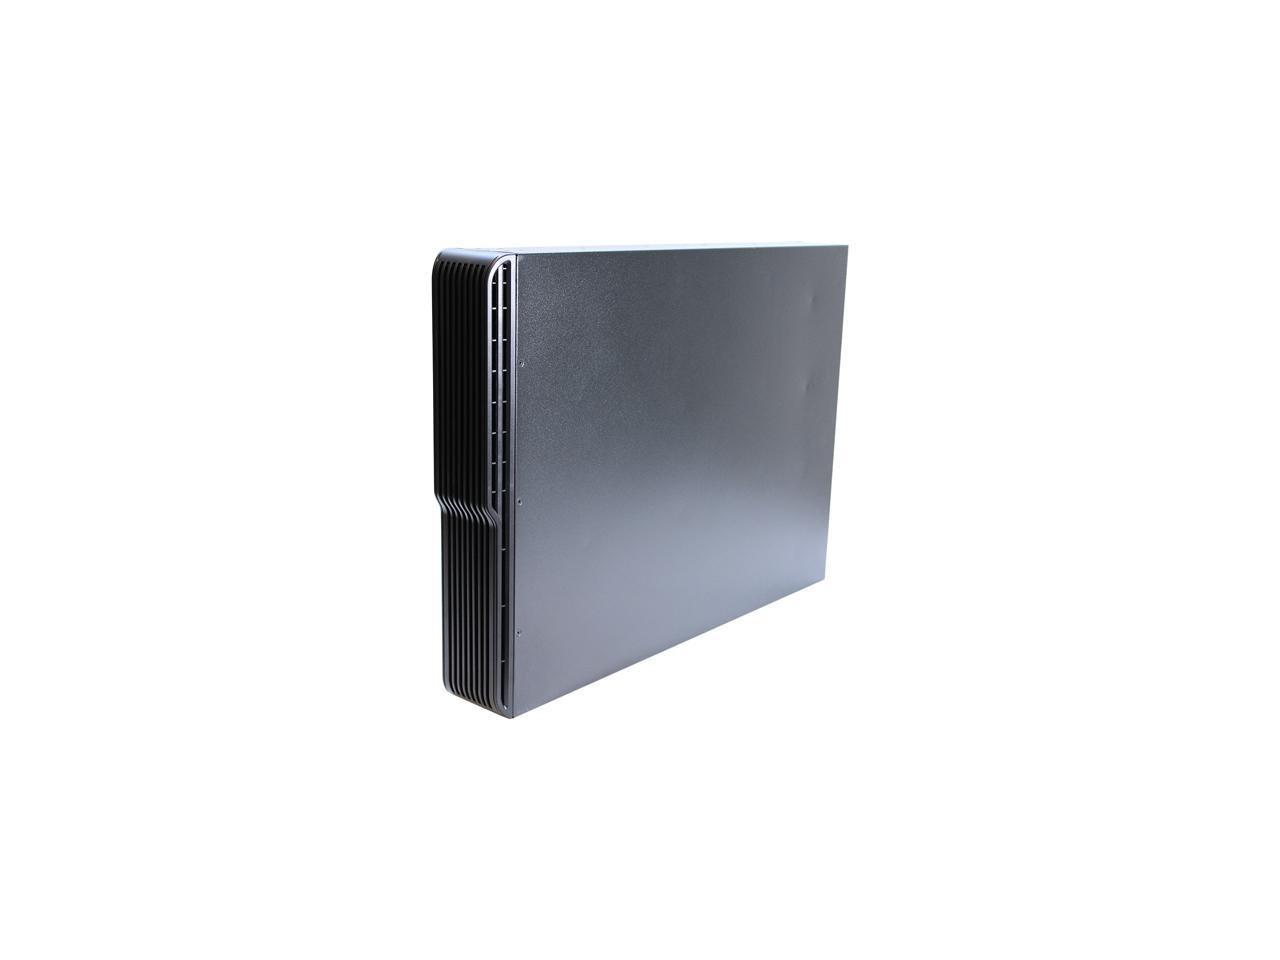 Liebert 72V External Battery Cabinet For PSI5 PSI5-72VBATT